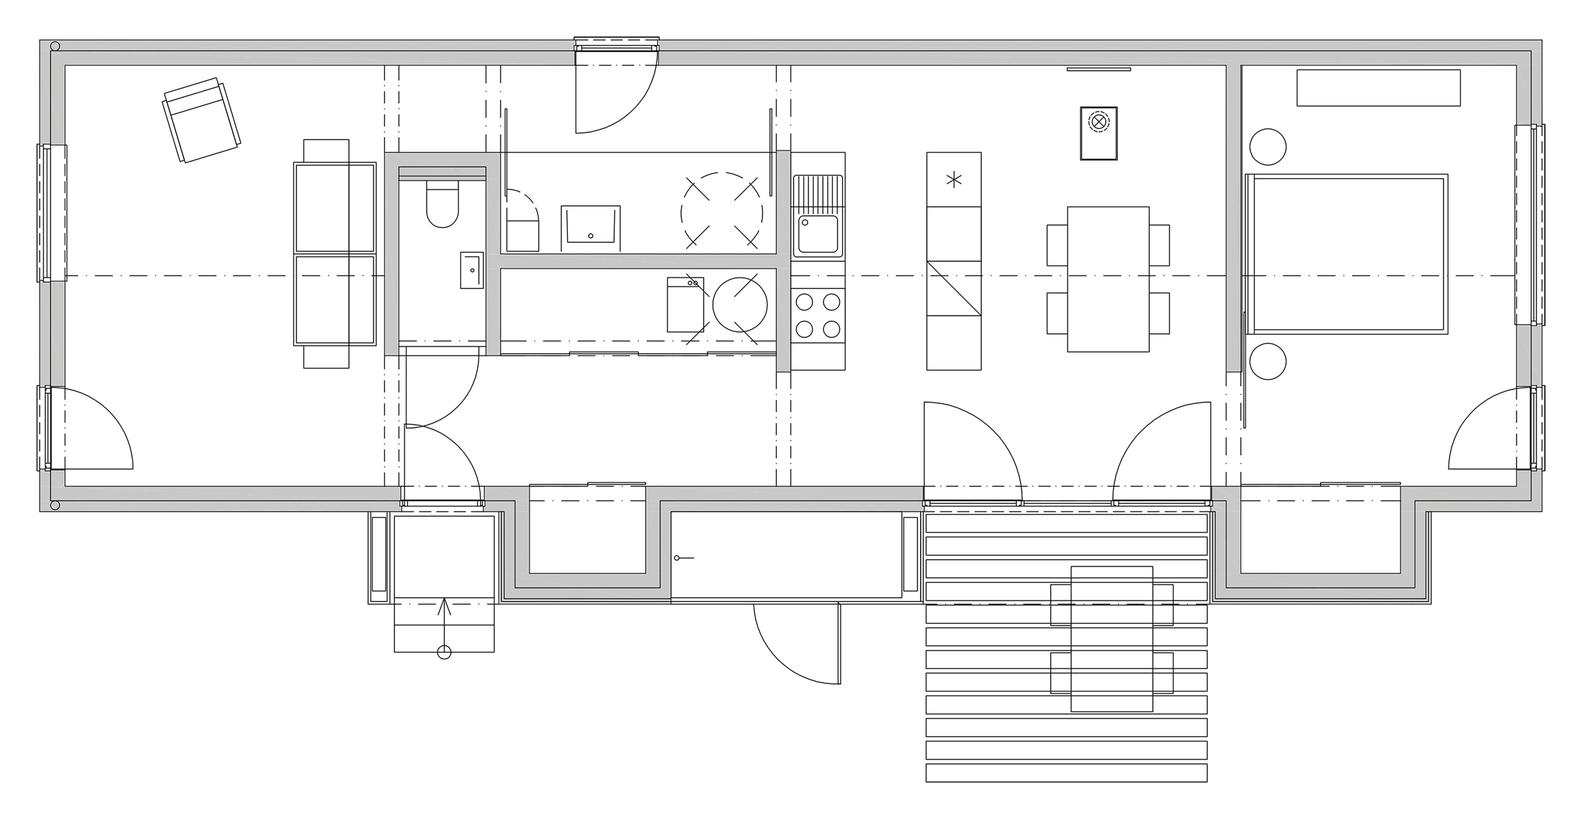 wooden brick housefloor plan - Brick House Floor Plans